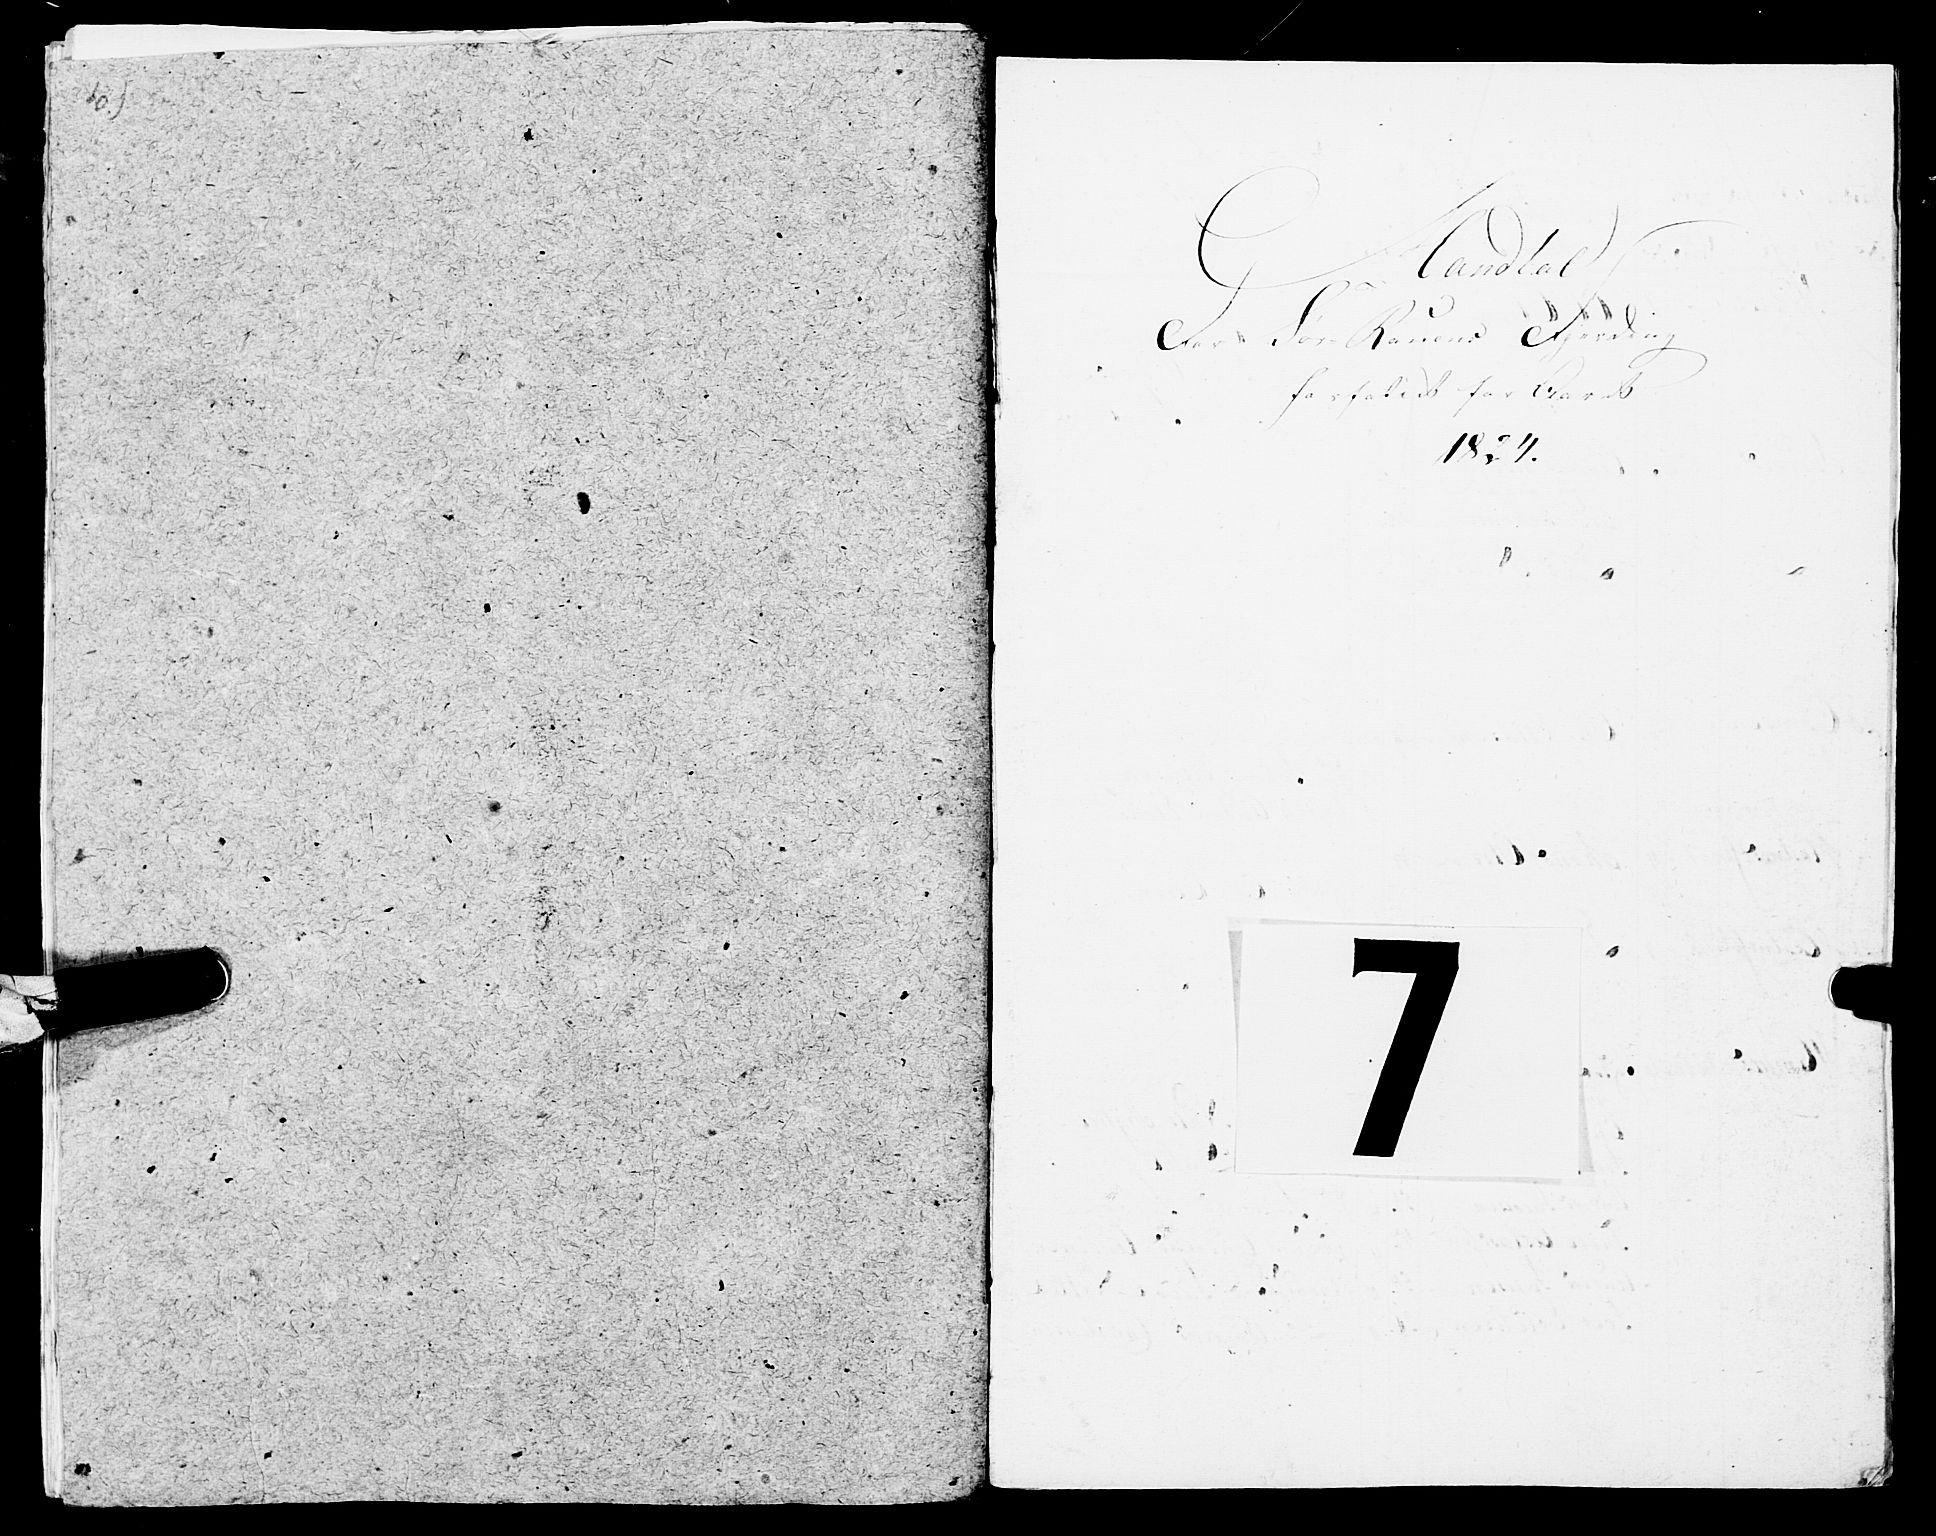 SAT, Fylkesmannen i Nordland, R/RA/L0013: Innrulleringsmanntall for Hemnes (Sør-Rana), 1809-1835, p. 169